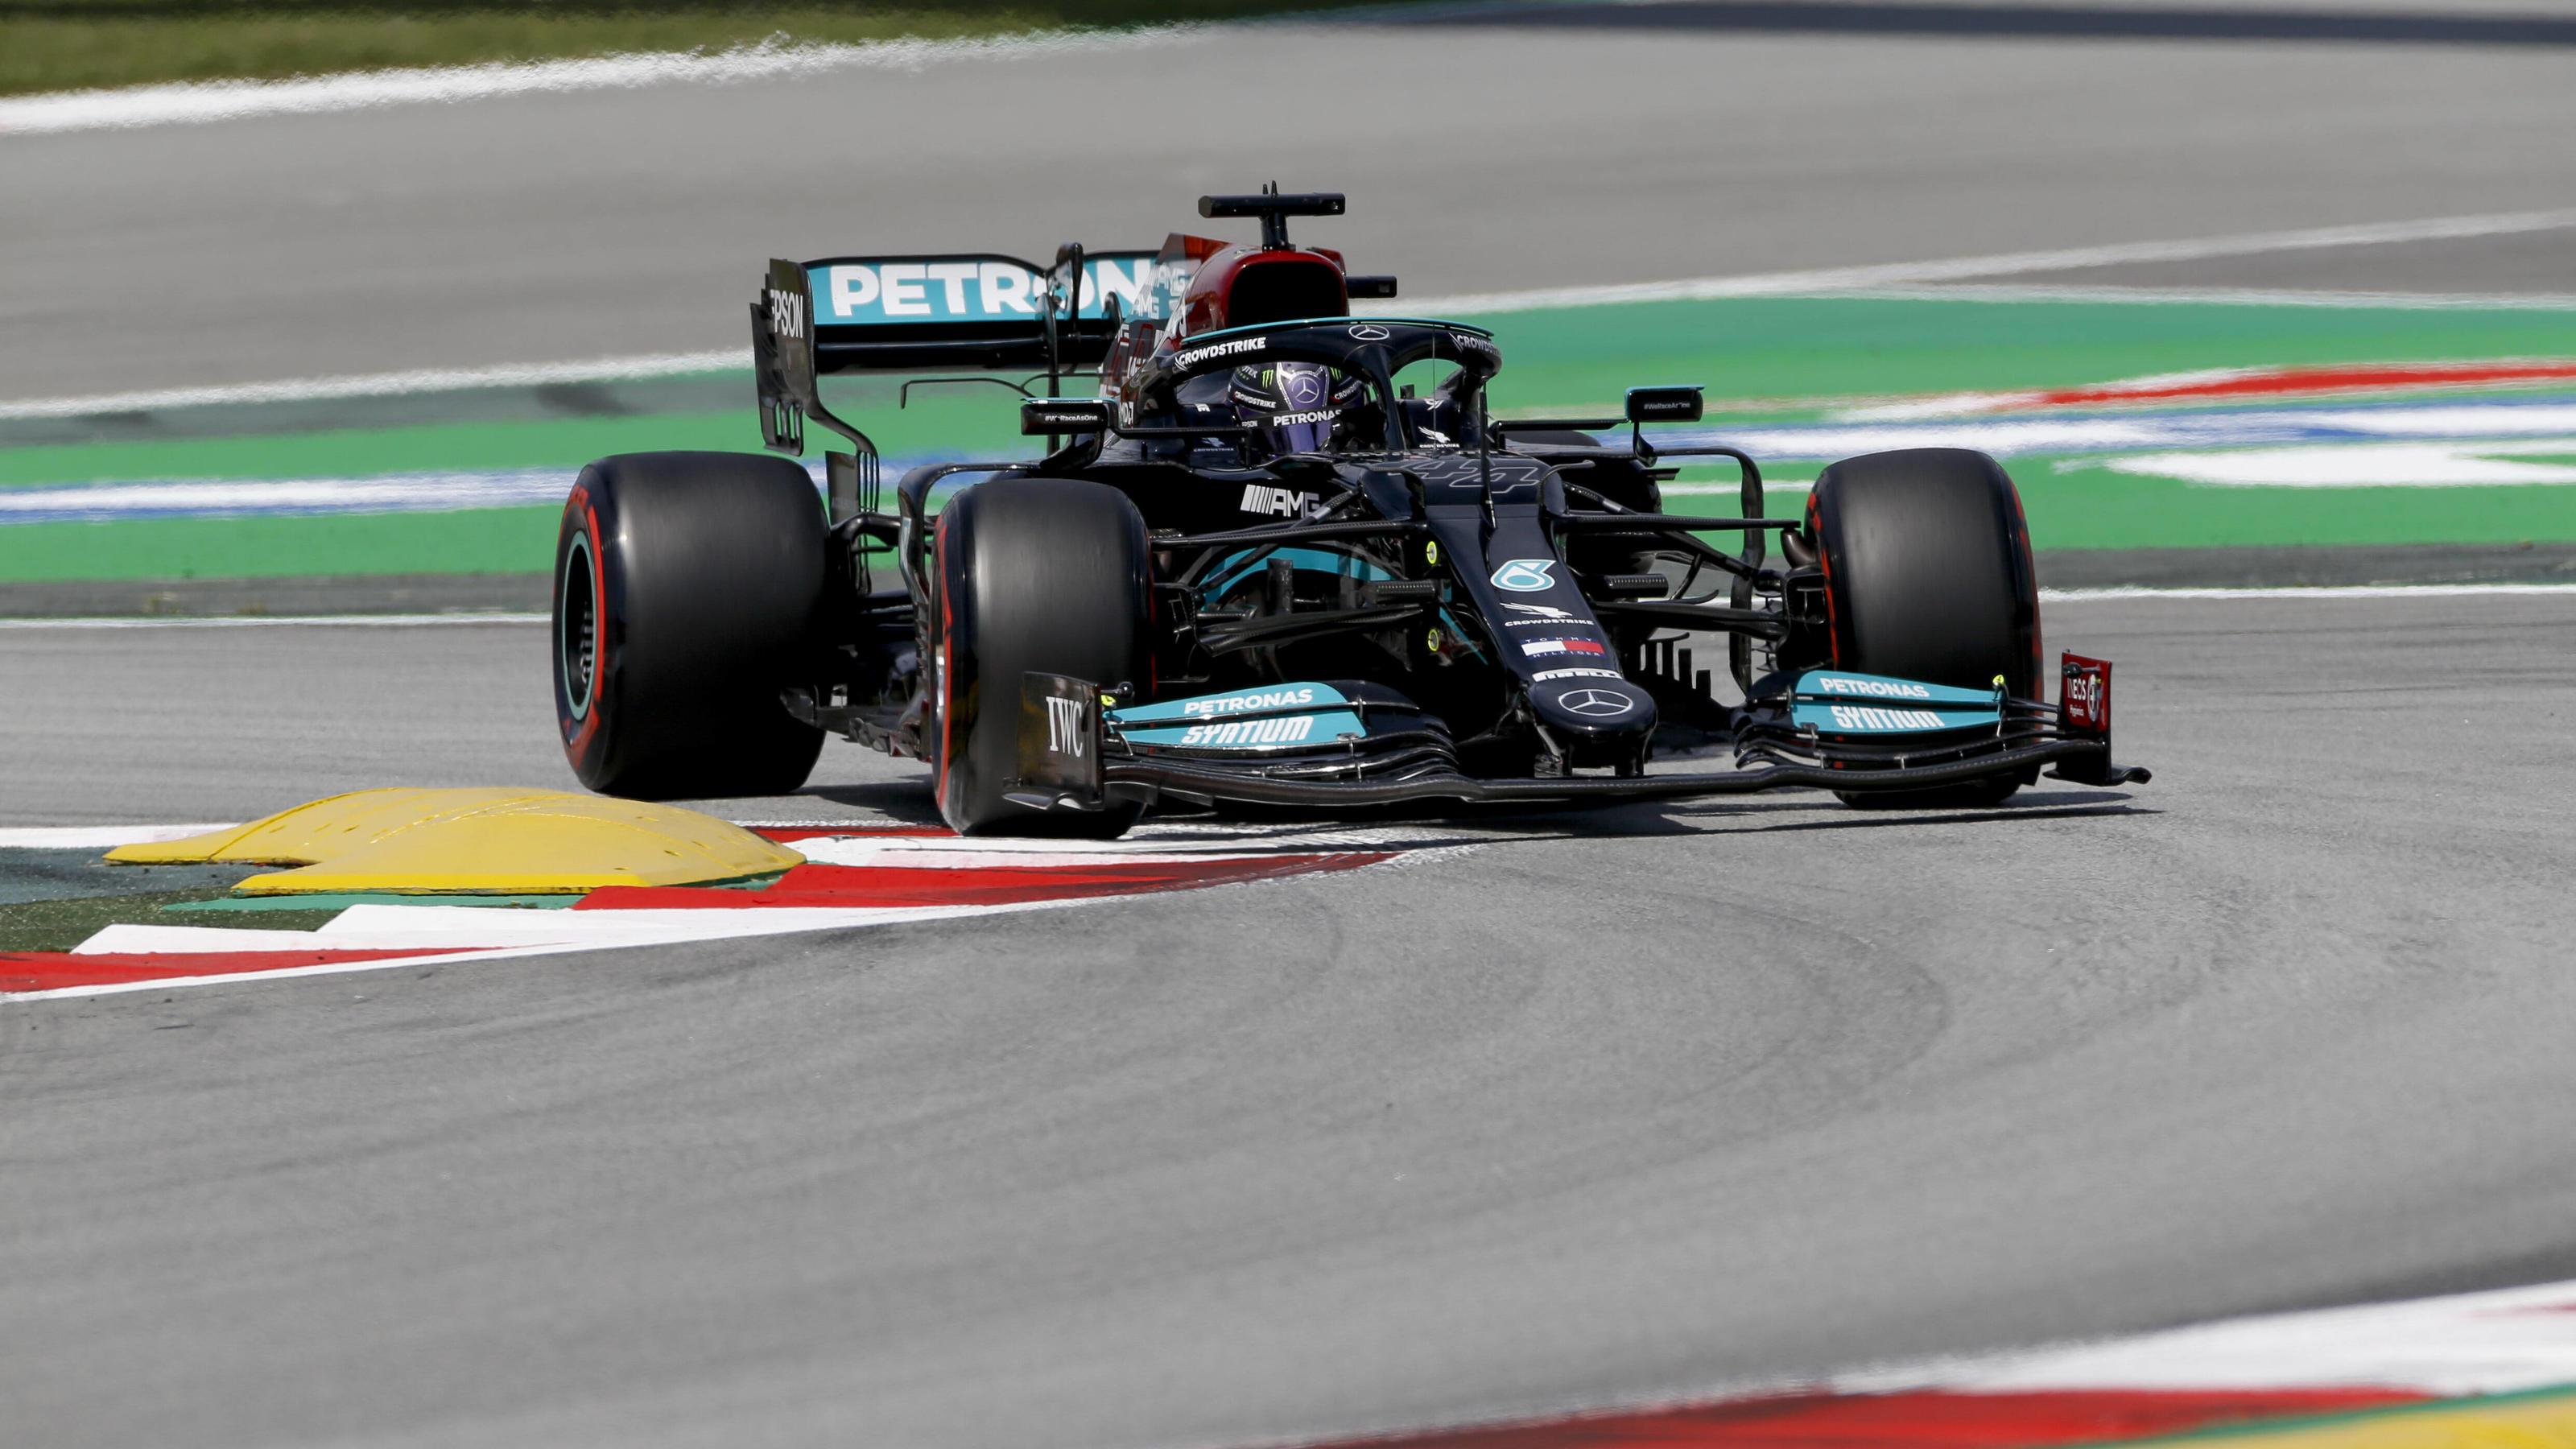 Formel 1 in Barcelona: Lewis Hamilton rast im 2. Training zur Bestzeit - Max Verstappen patzt